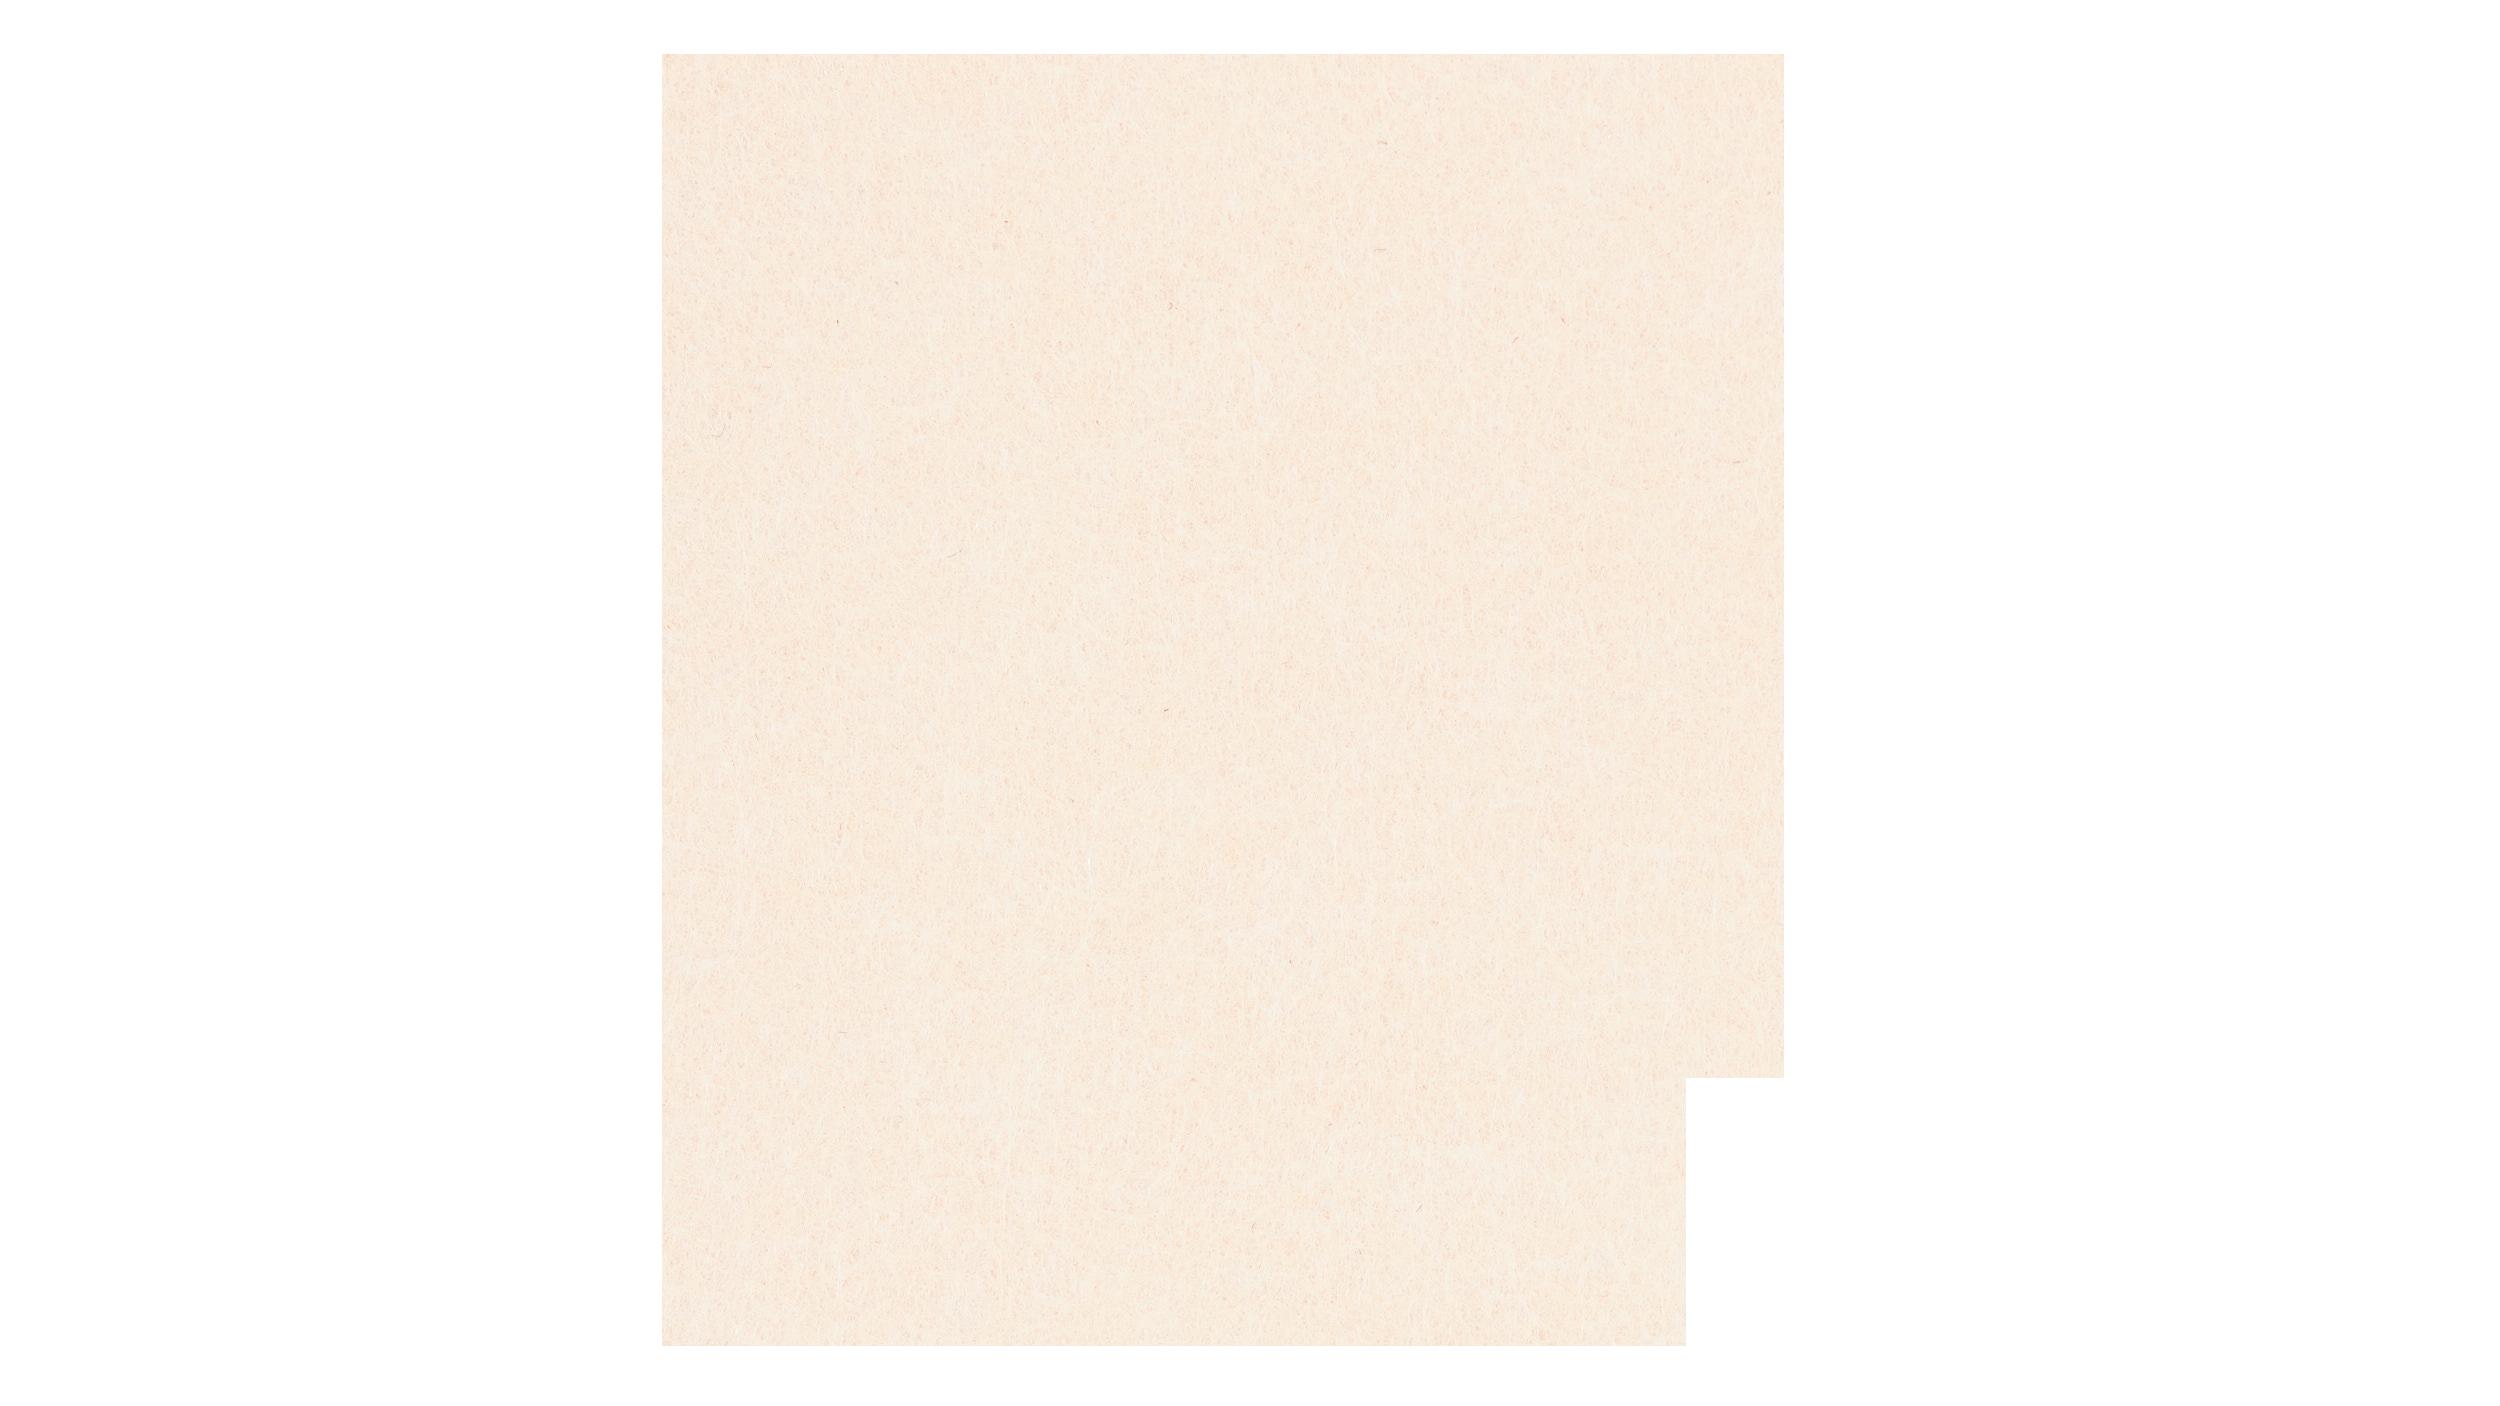 PETpanel - Vanille - Kleurcode 06